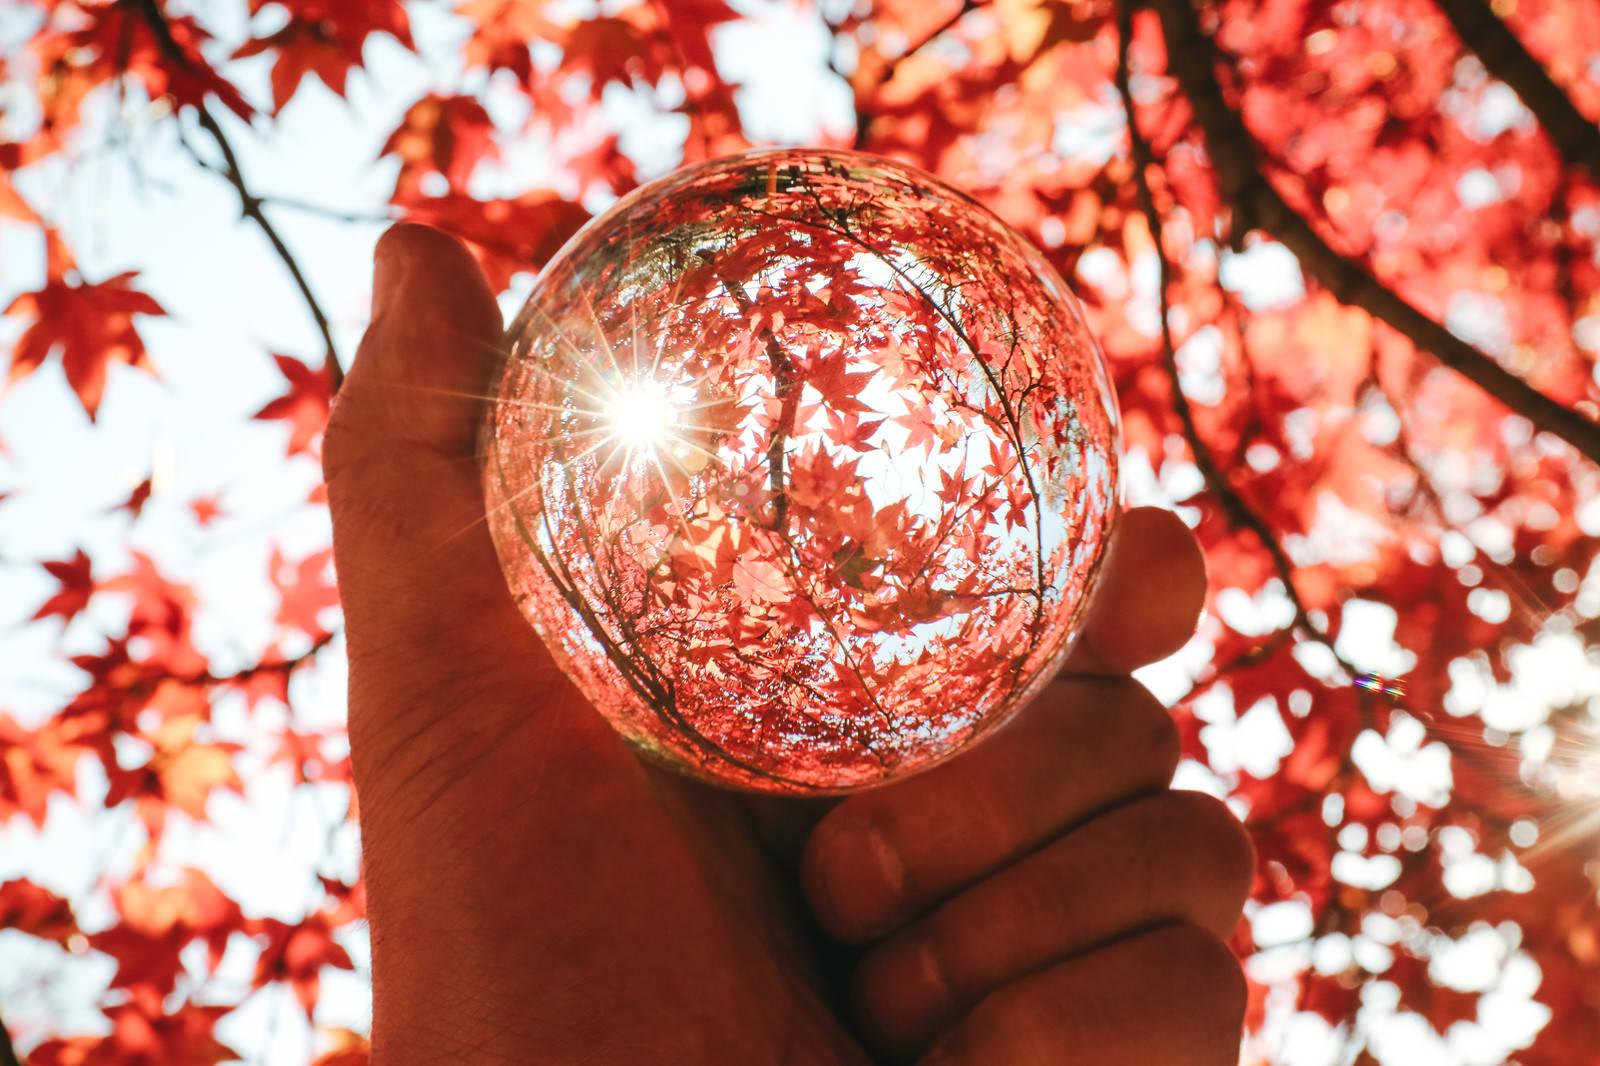 「水晶球から見る紅葉」の写真